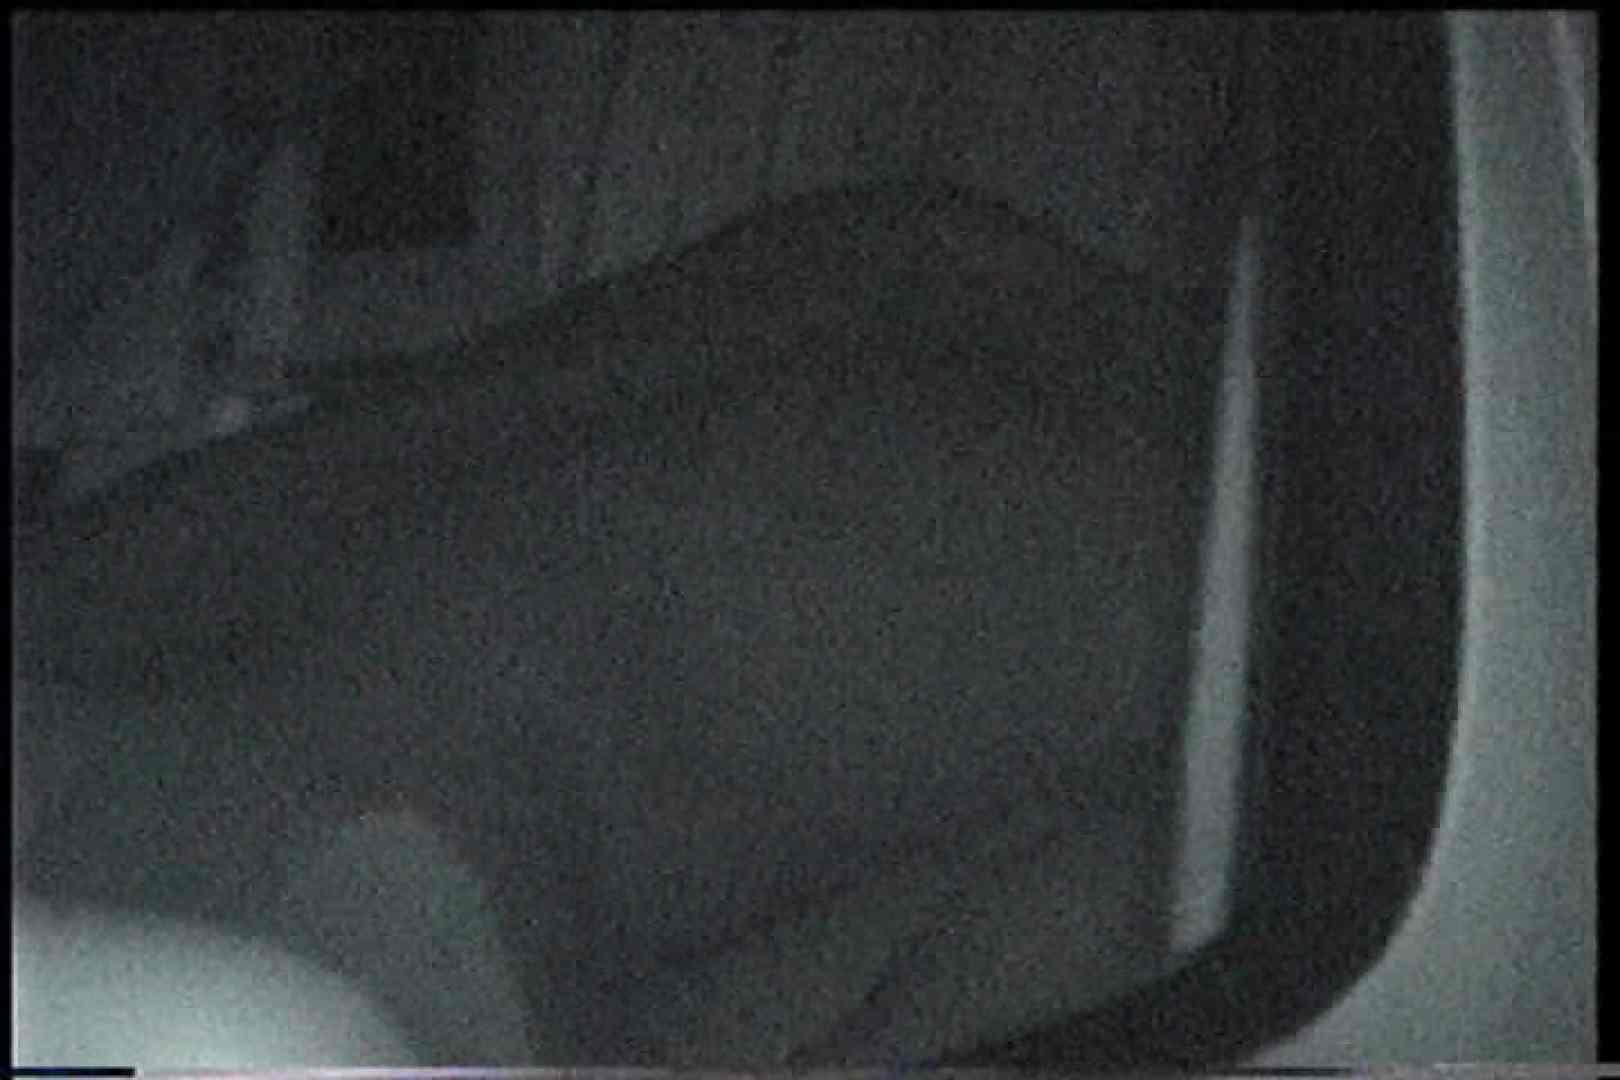 充血監督の深夜の運動会Vol.177 前編 OLセックス 盗み撮りオマンコ動画キャプチャ 79画像 70